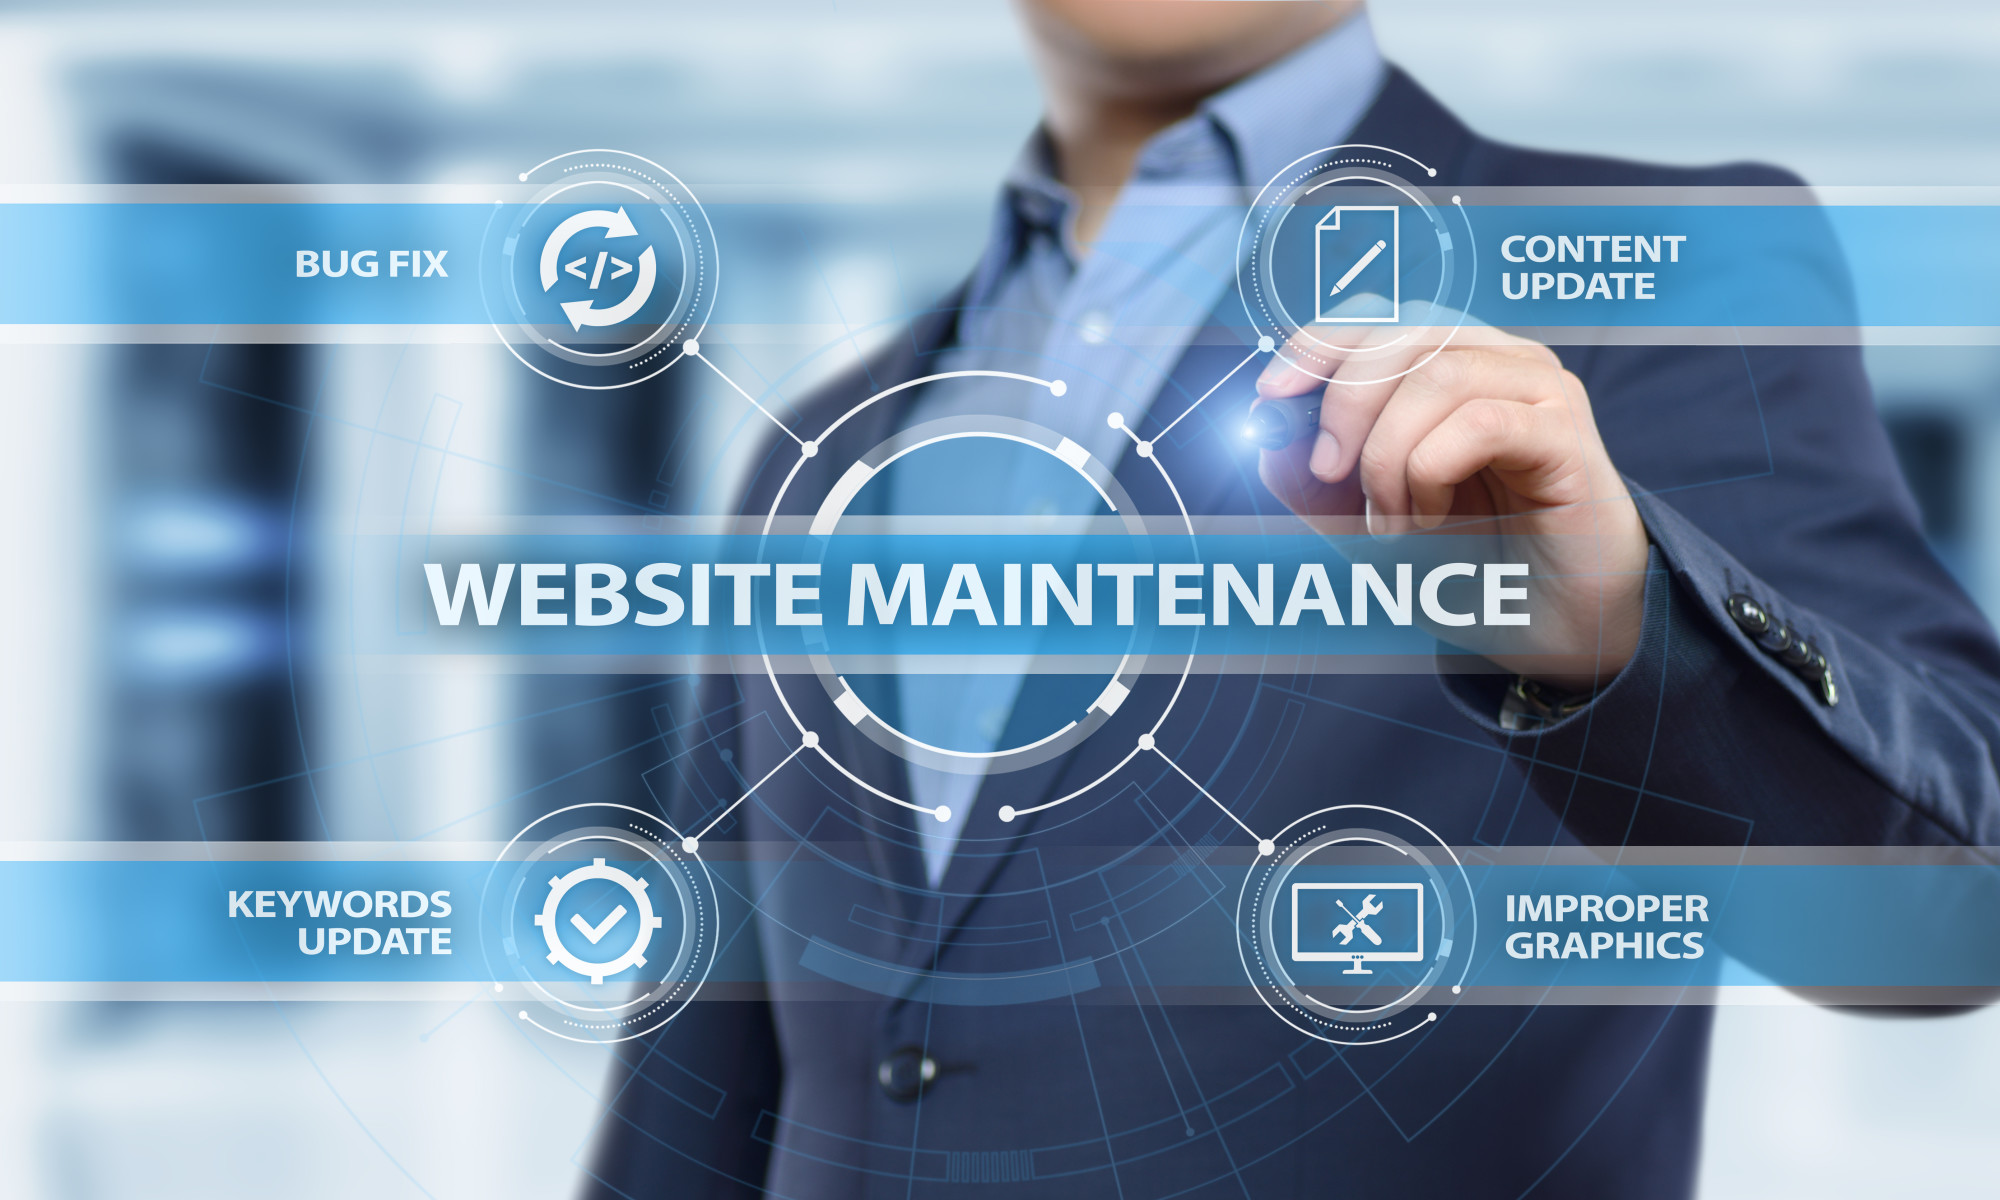 Mentenanța unei platforme/ site web? De ce este importantă